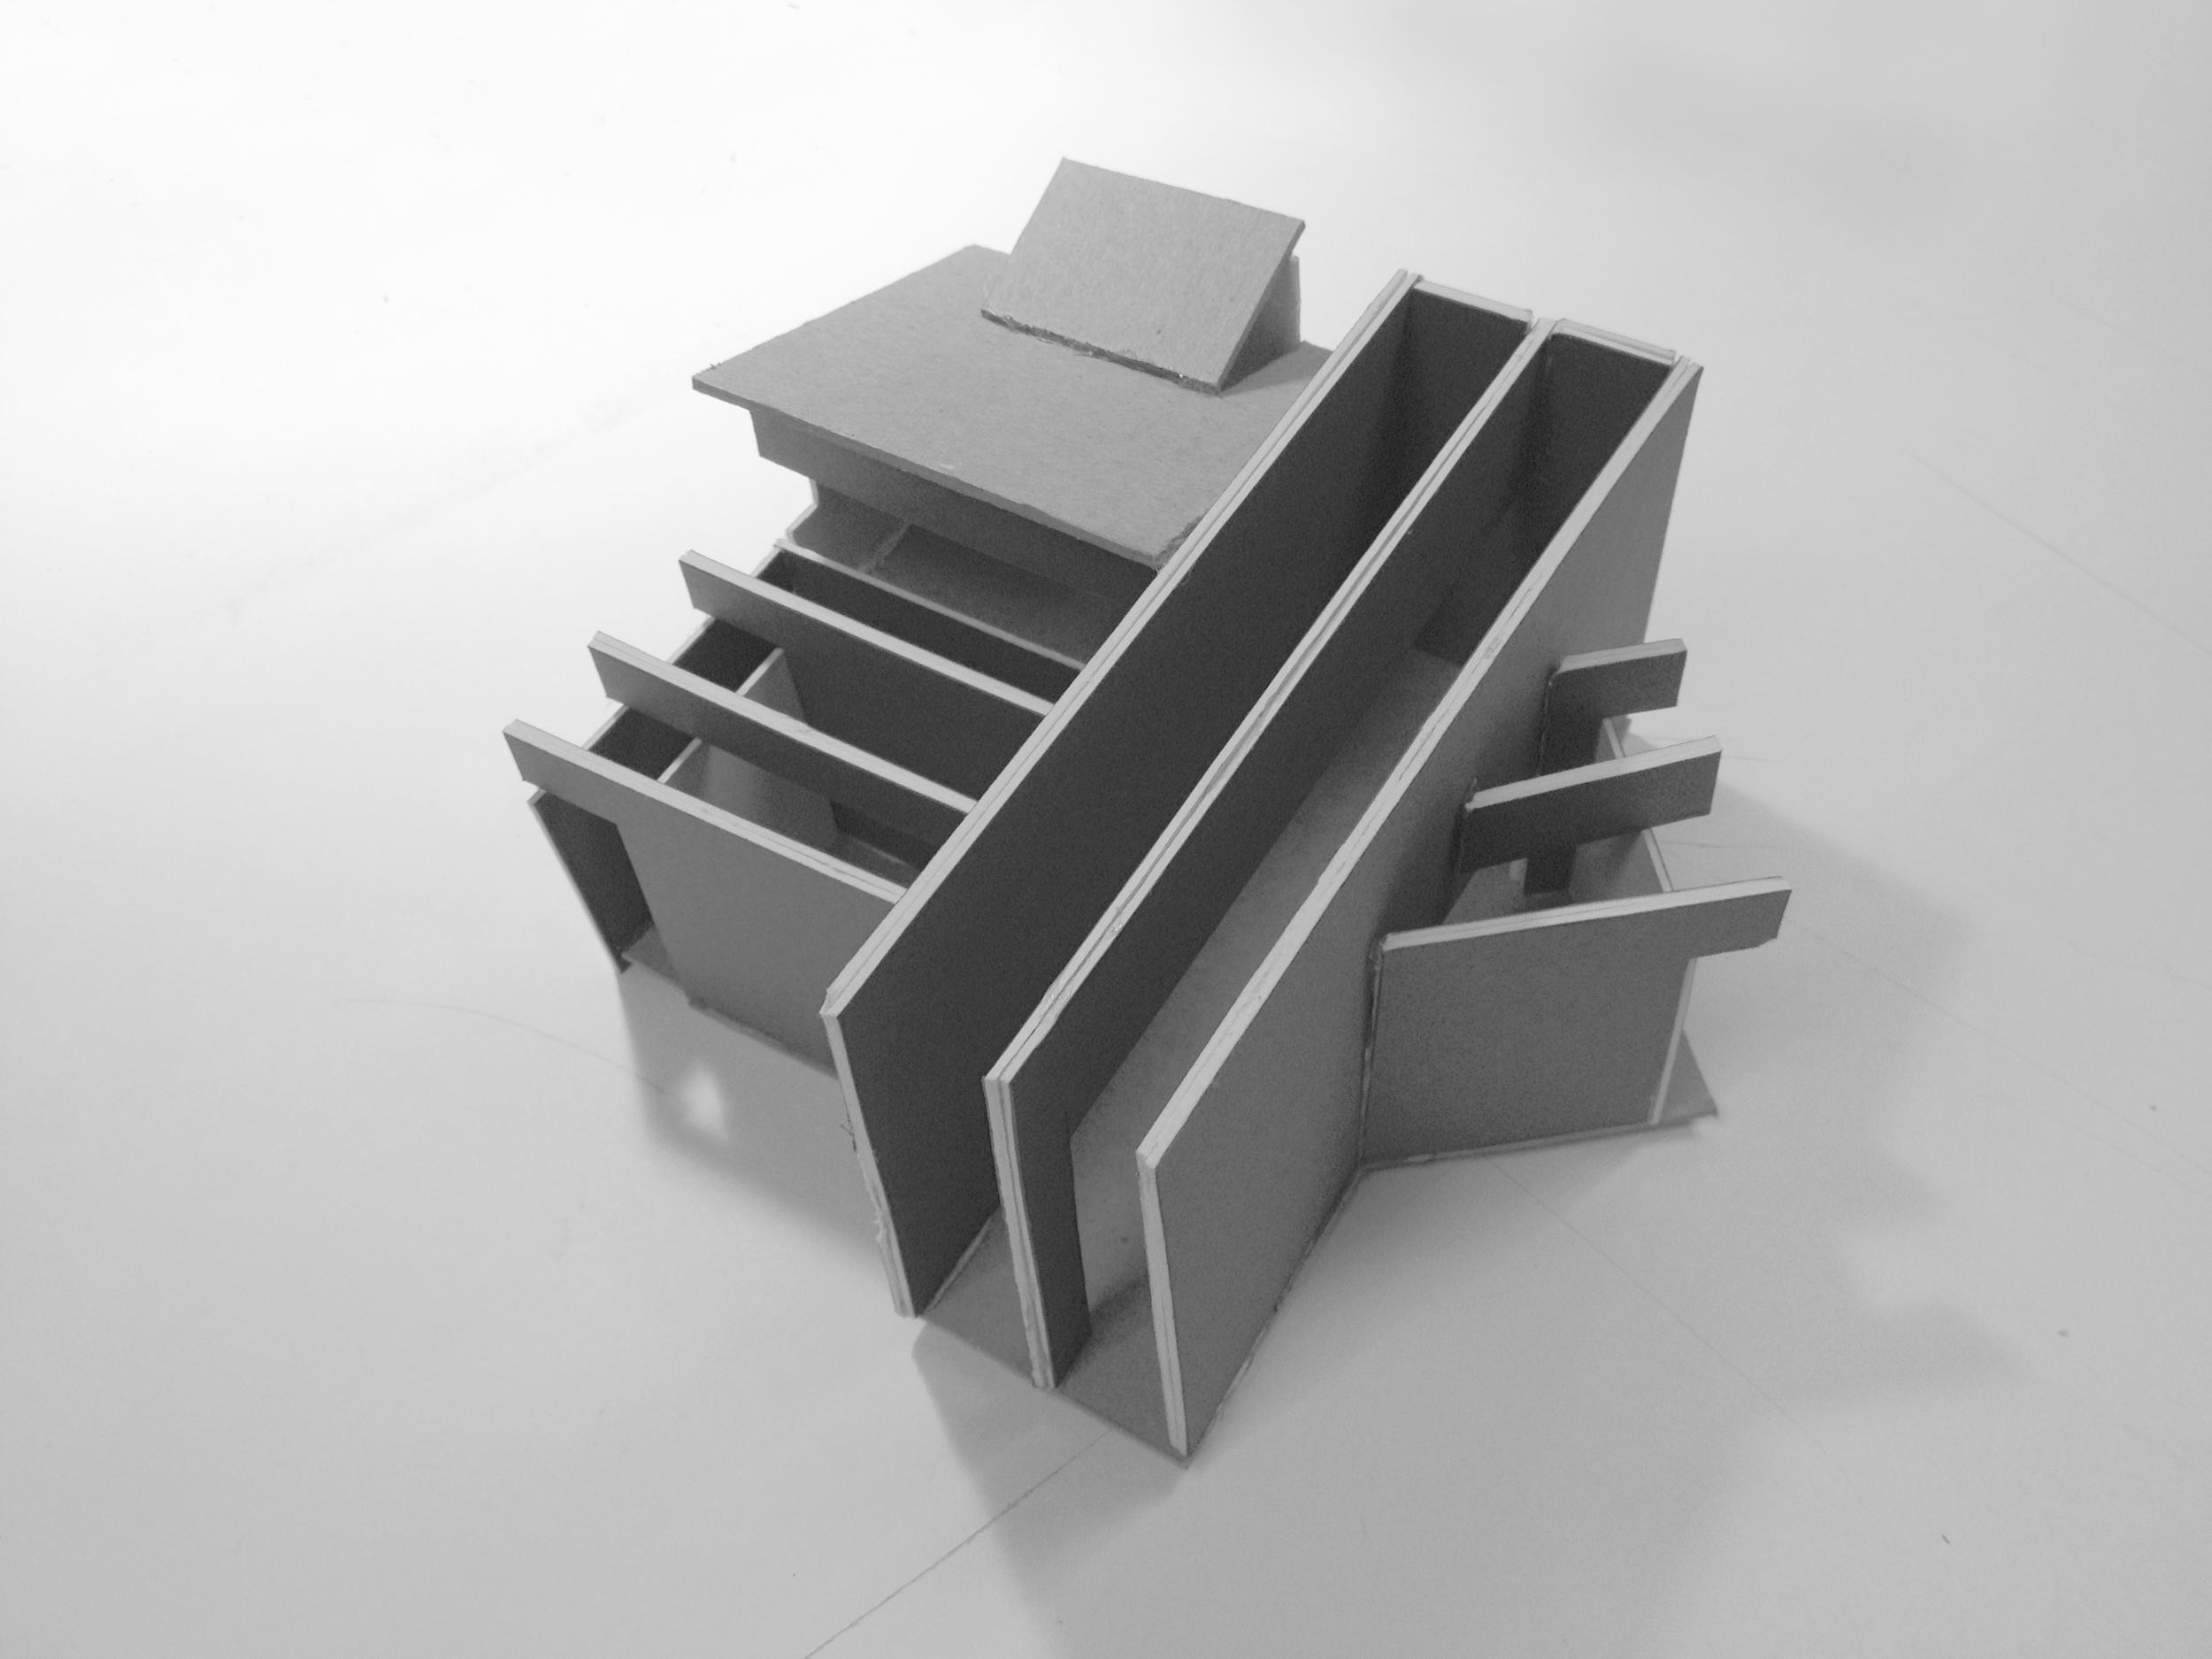 model_1.jpg